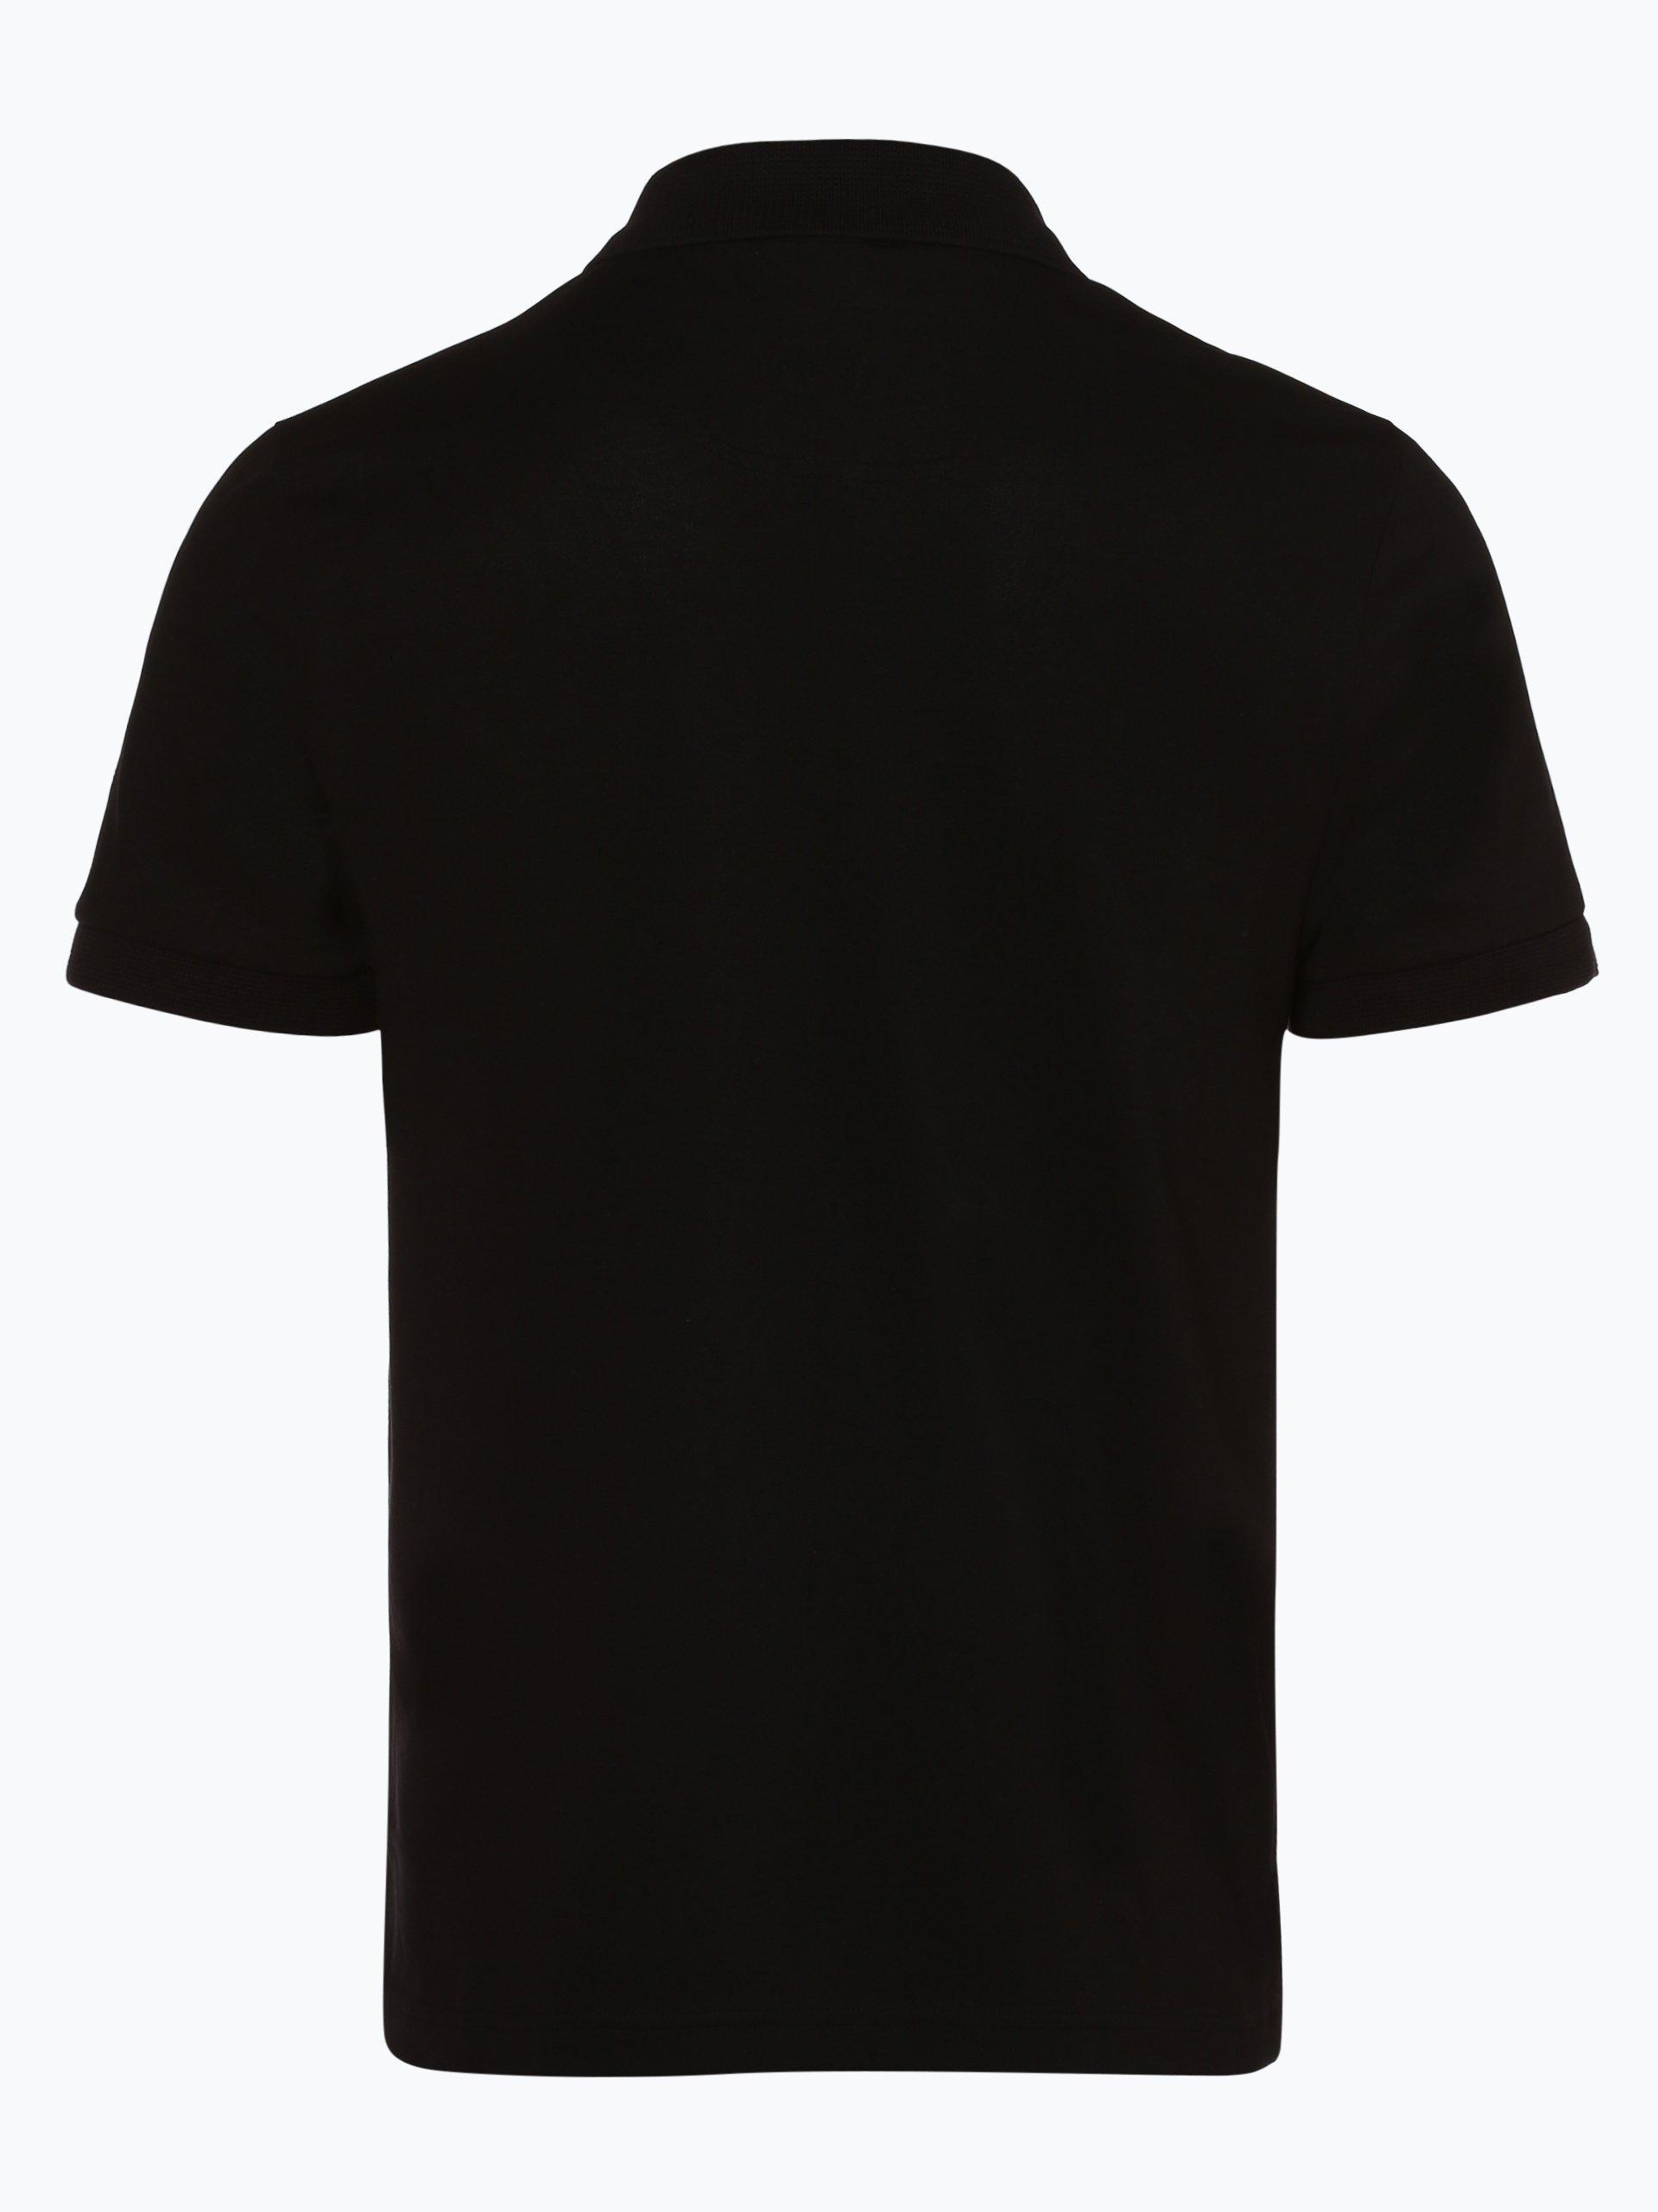 BOSS Athleisure Herren Poloshirt - Paule